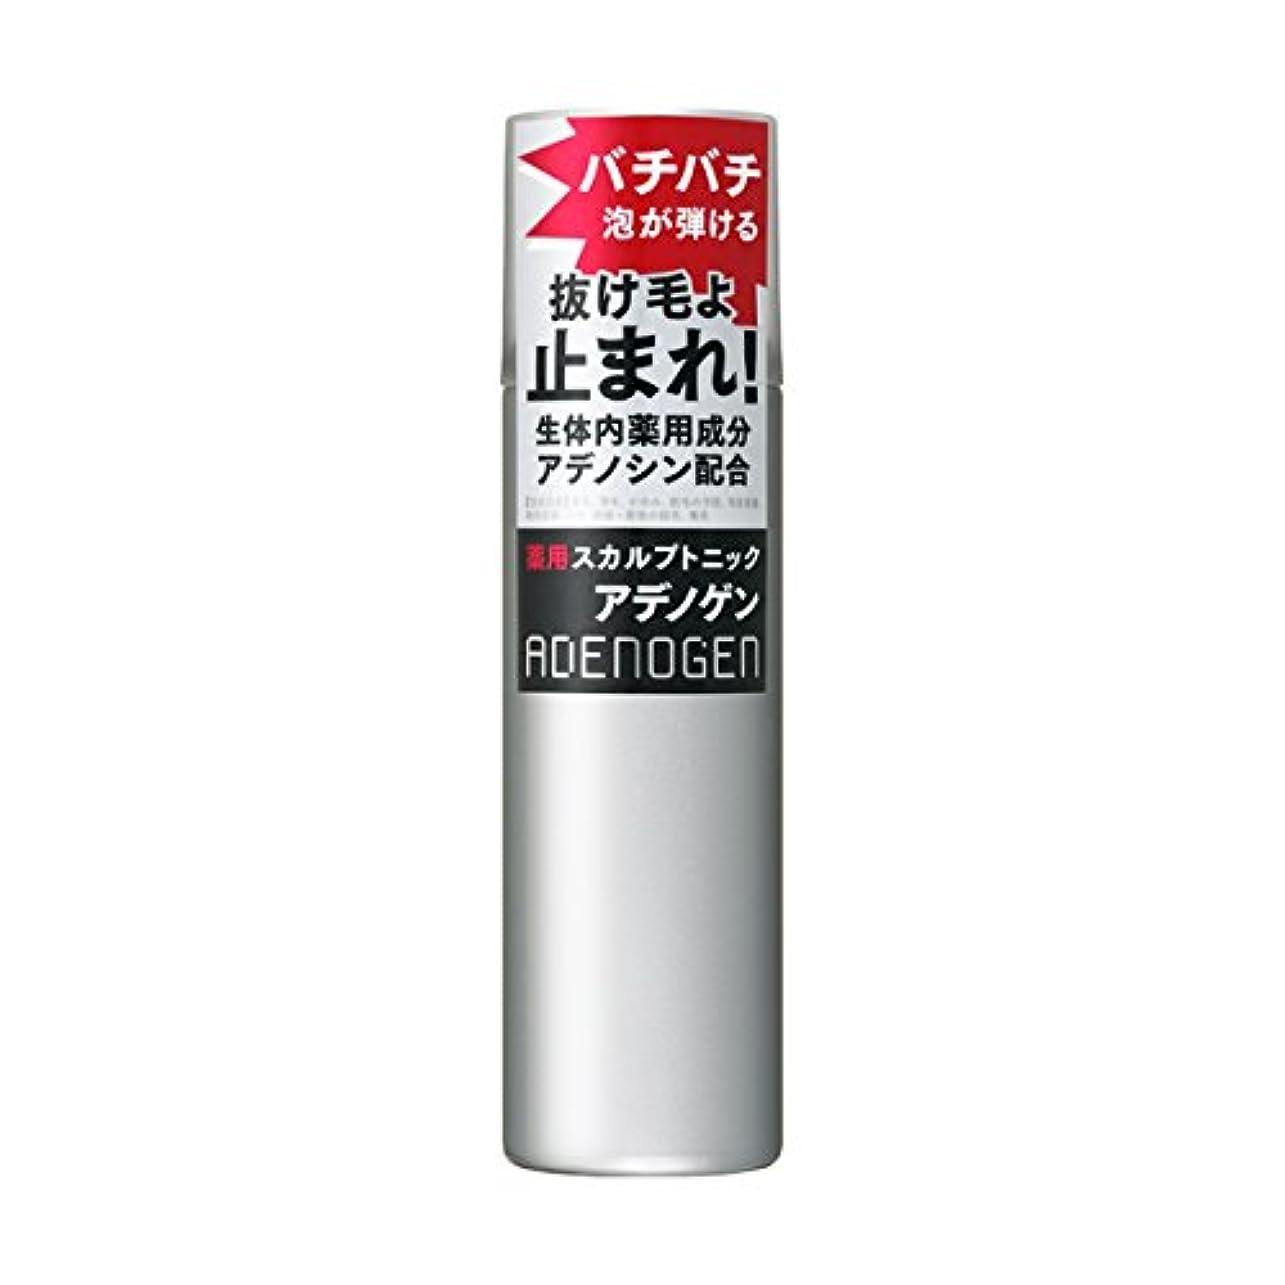 悲観的好む制限されたアデノゲン 薬用スカルプトニック 130g 【医薬部外品】